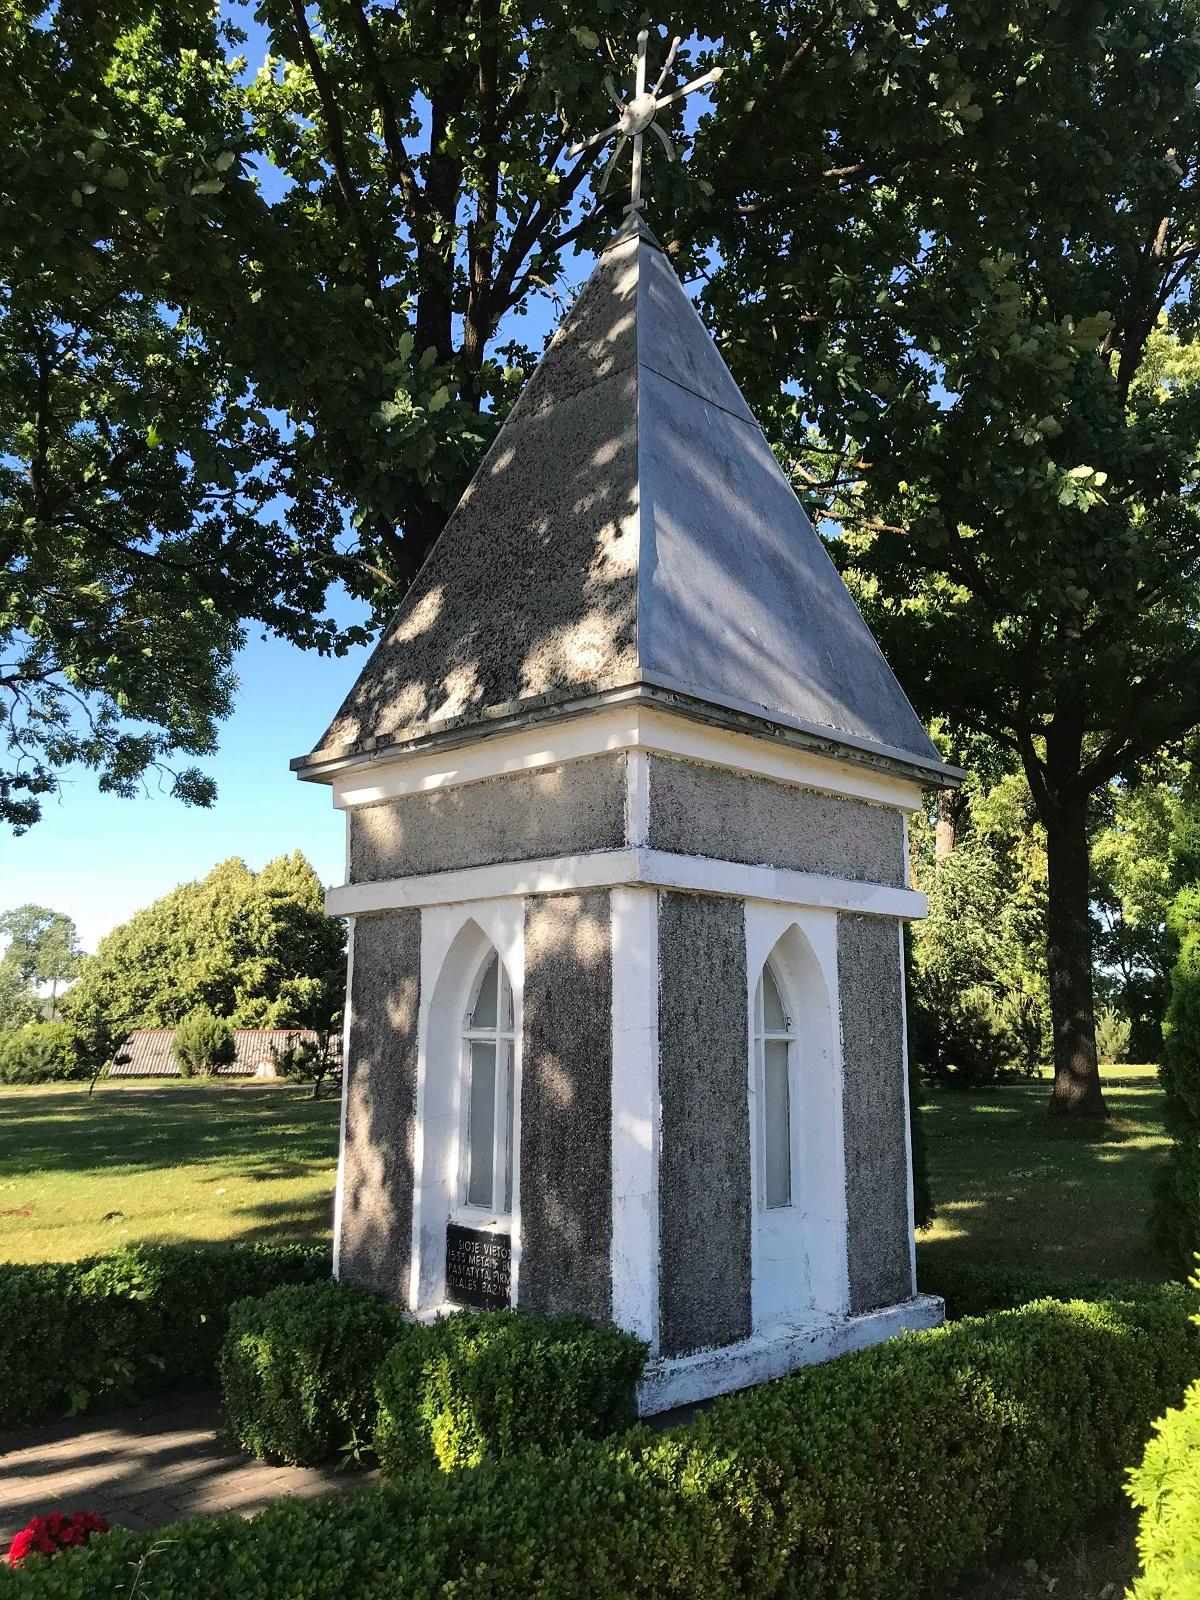 Koplytėlė pirmosios bažnyčios vietoje